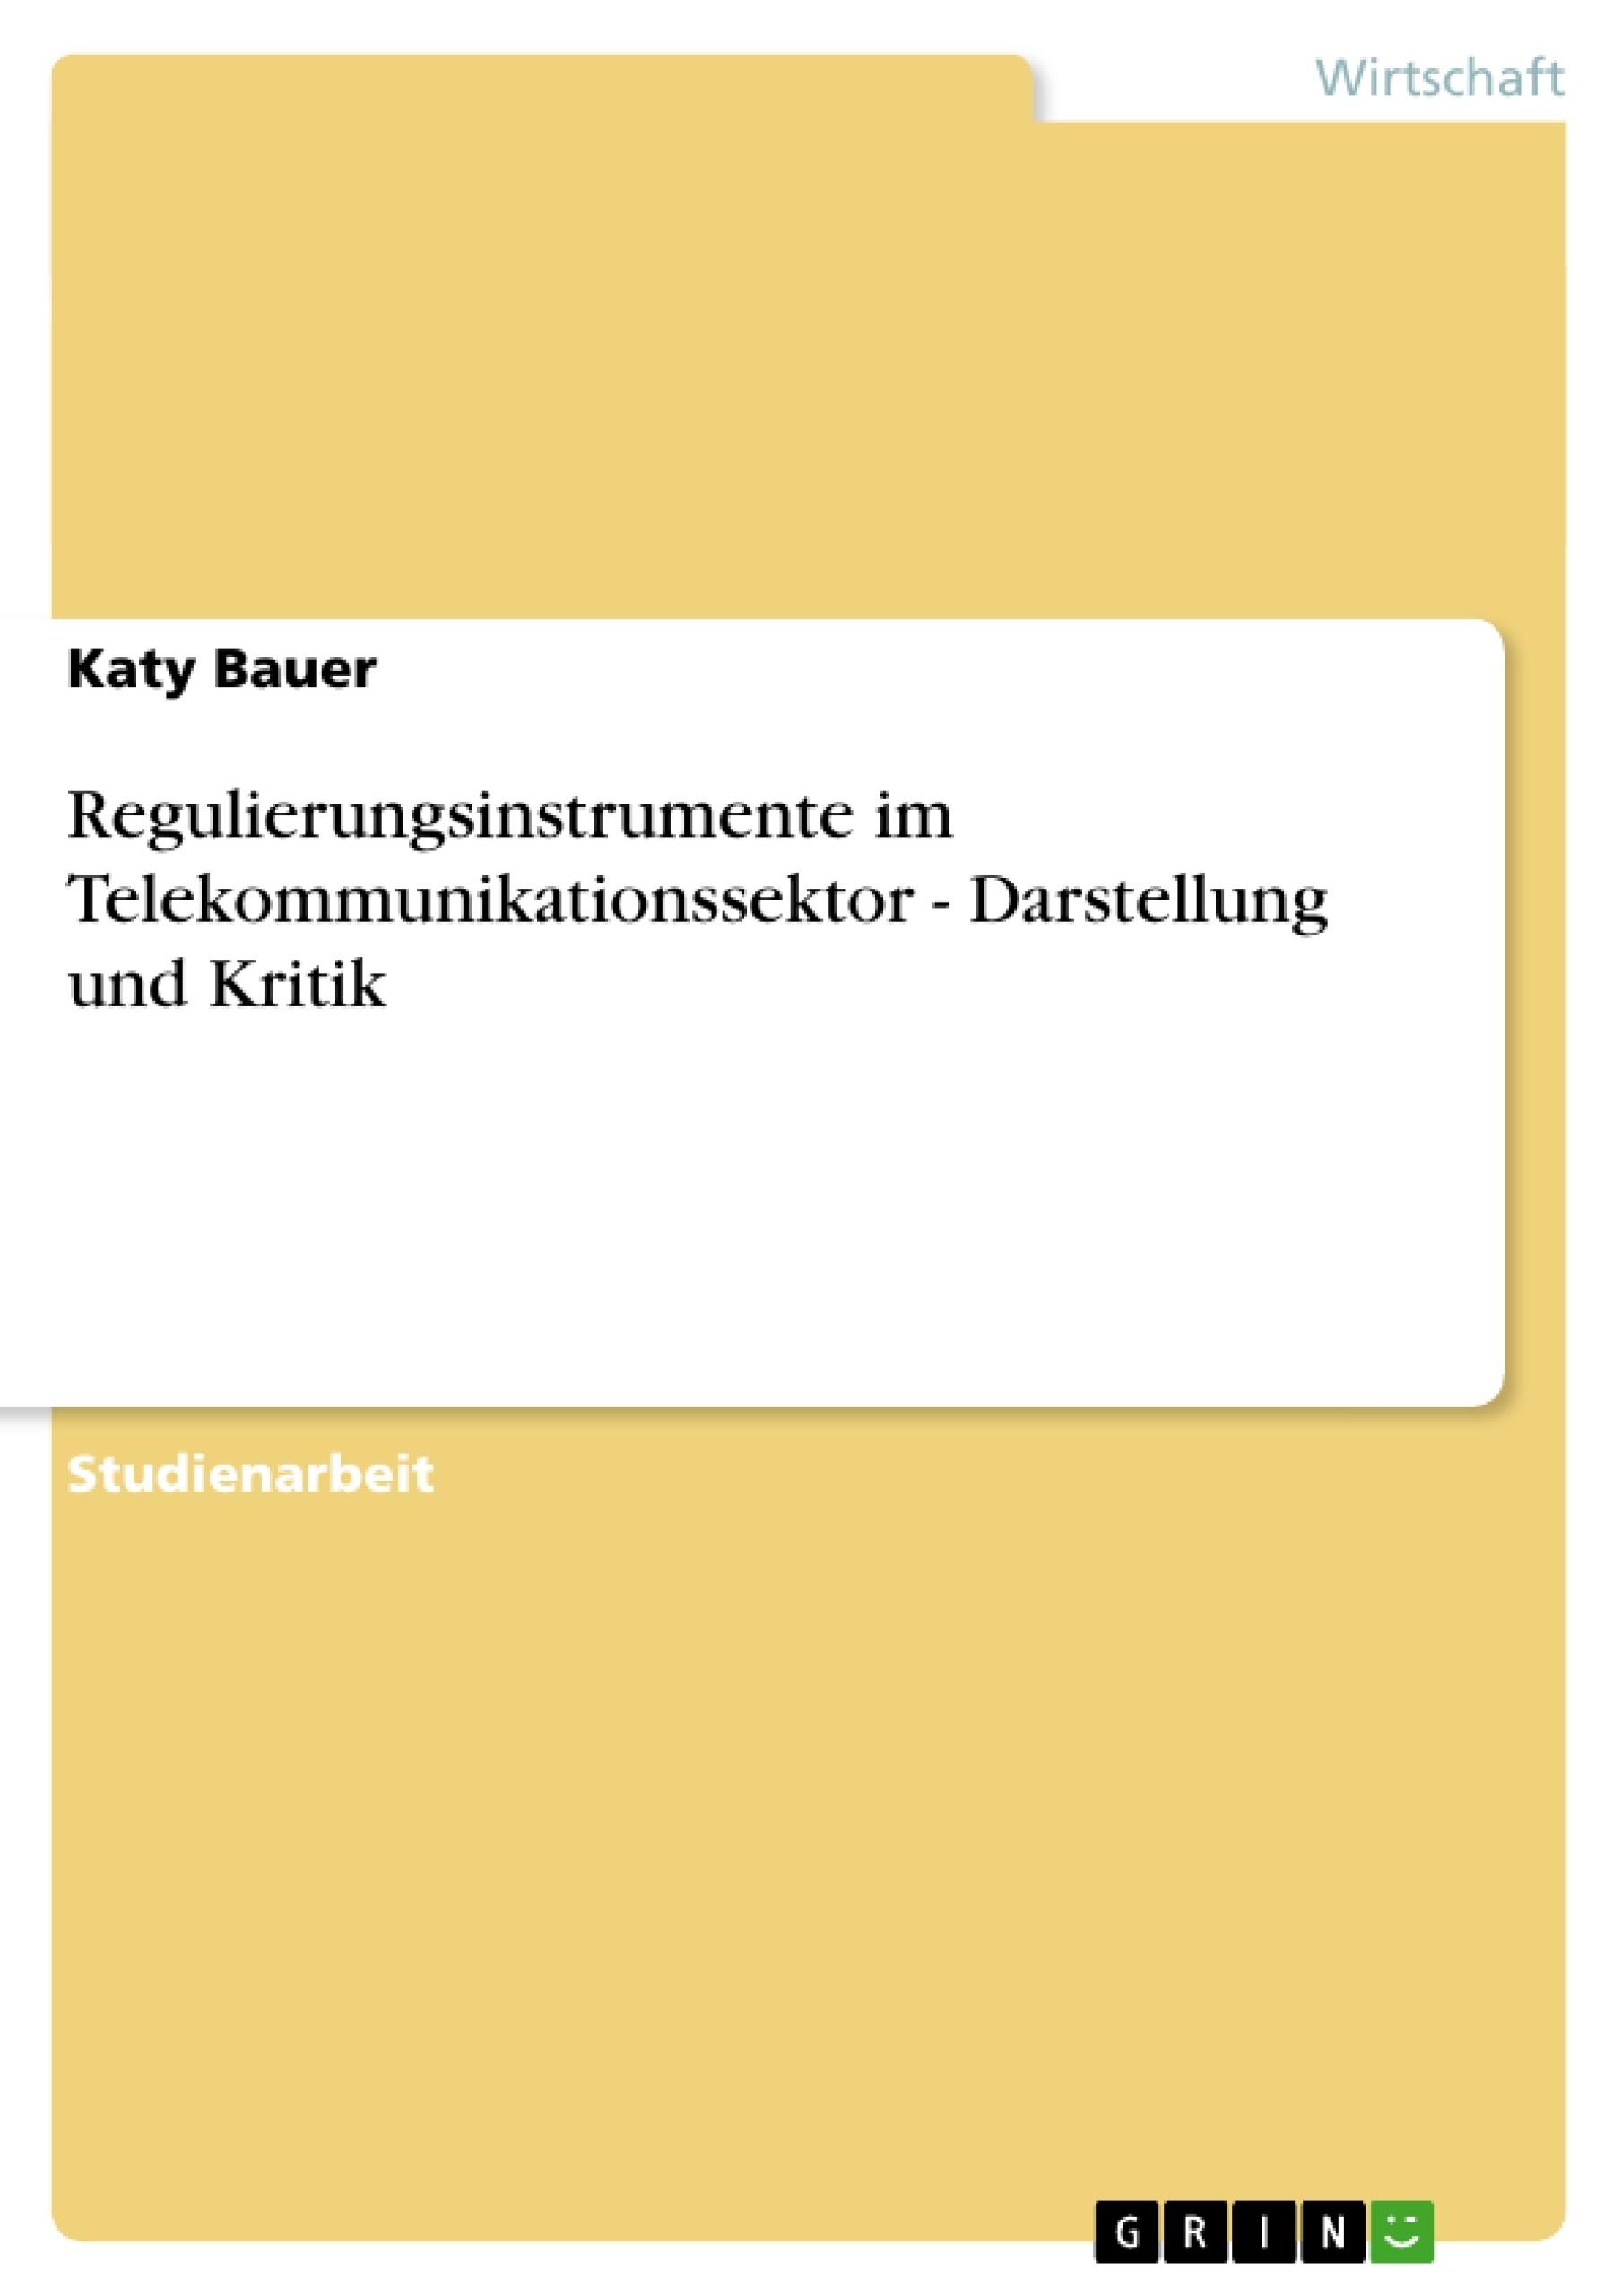 Titel: Regulierungsinstrumente im Telekommunikationssektor - Darstellung und Kritik